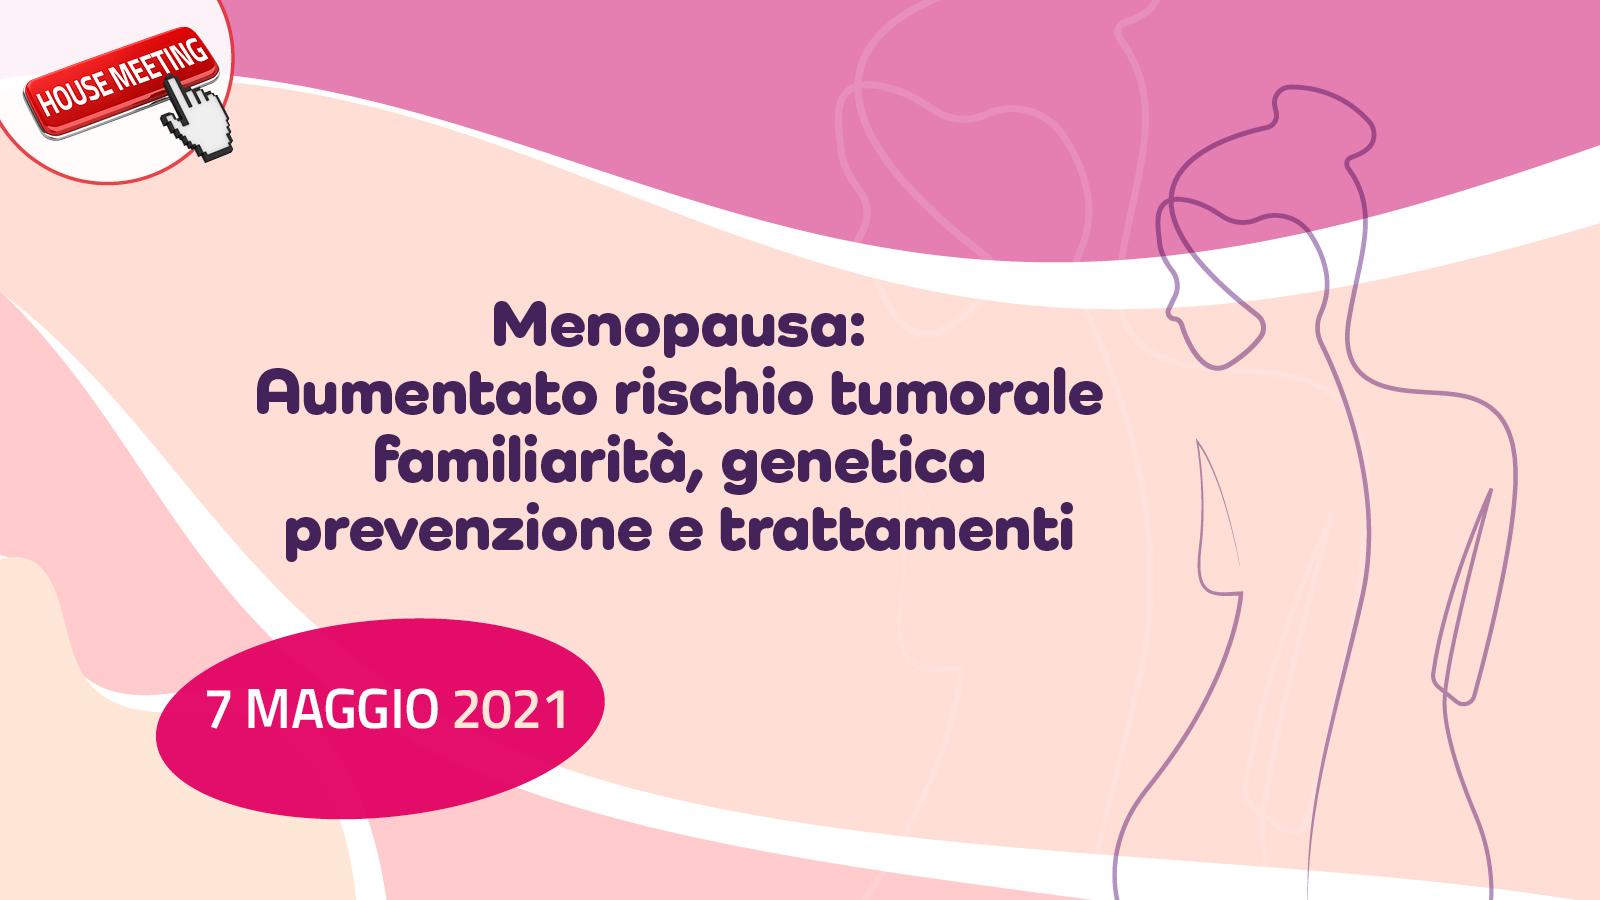 Menopausa: Aumentato rischio tumorale familiarità, genetica prevenzione e trattamenti